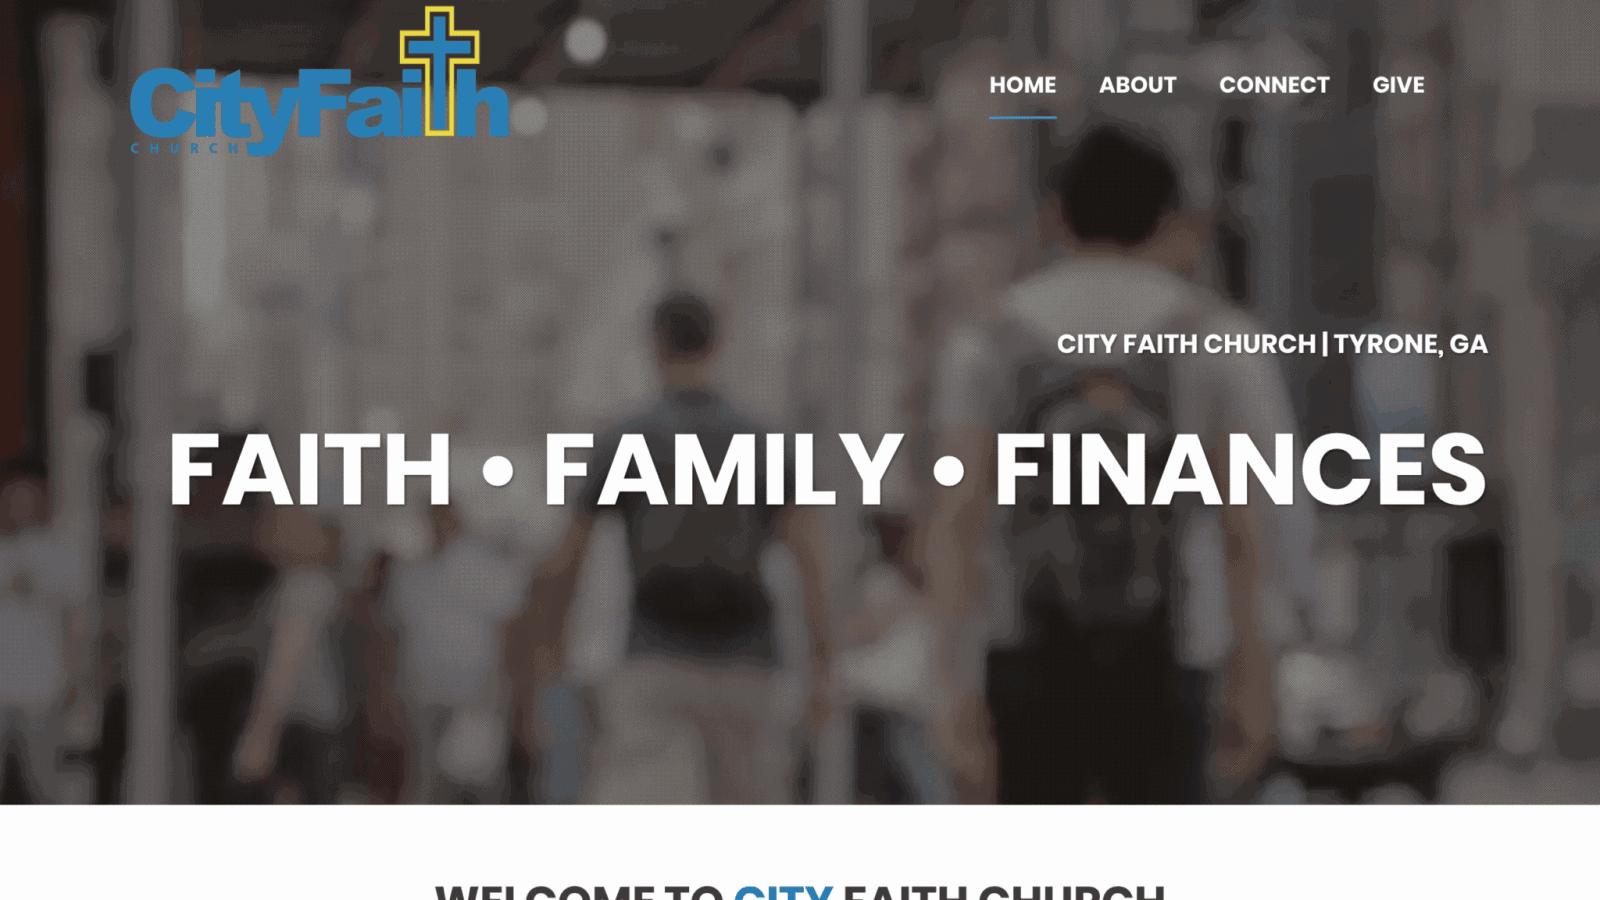 City Faith Church Website Design - McWilliams Media | Web